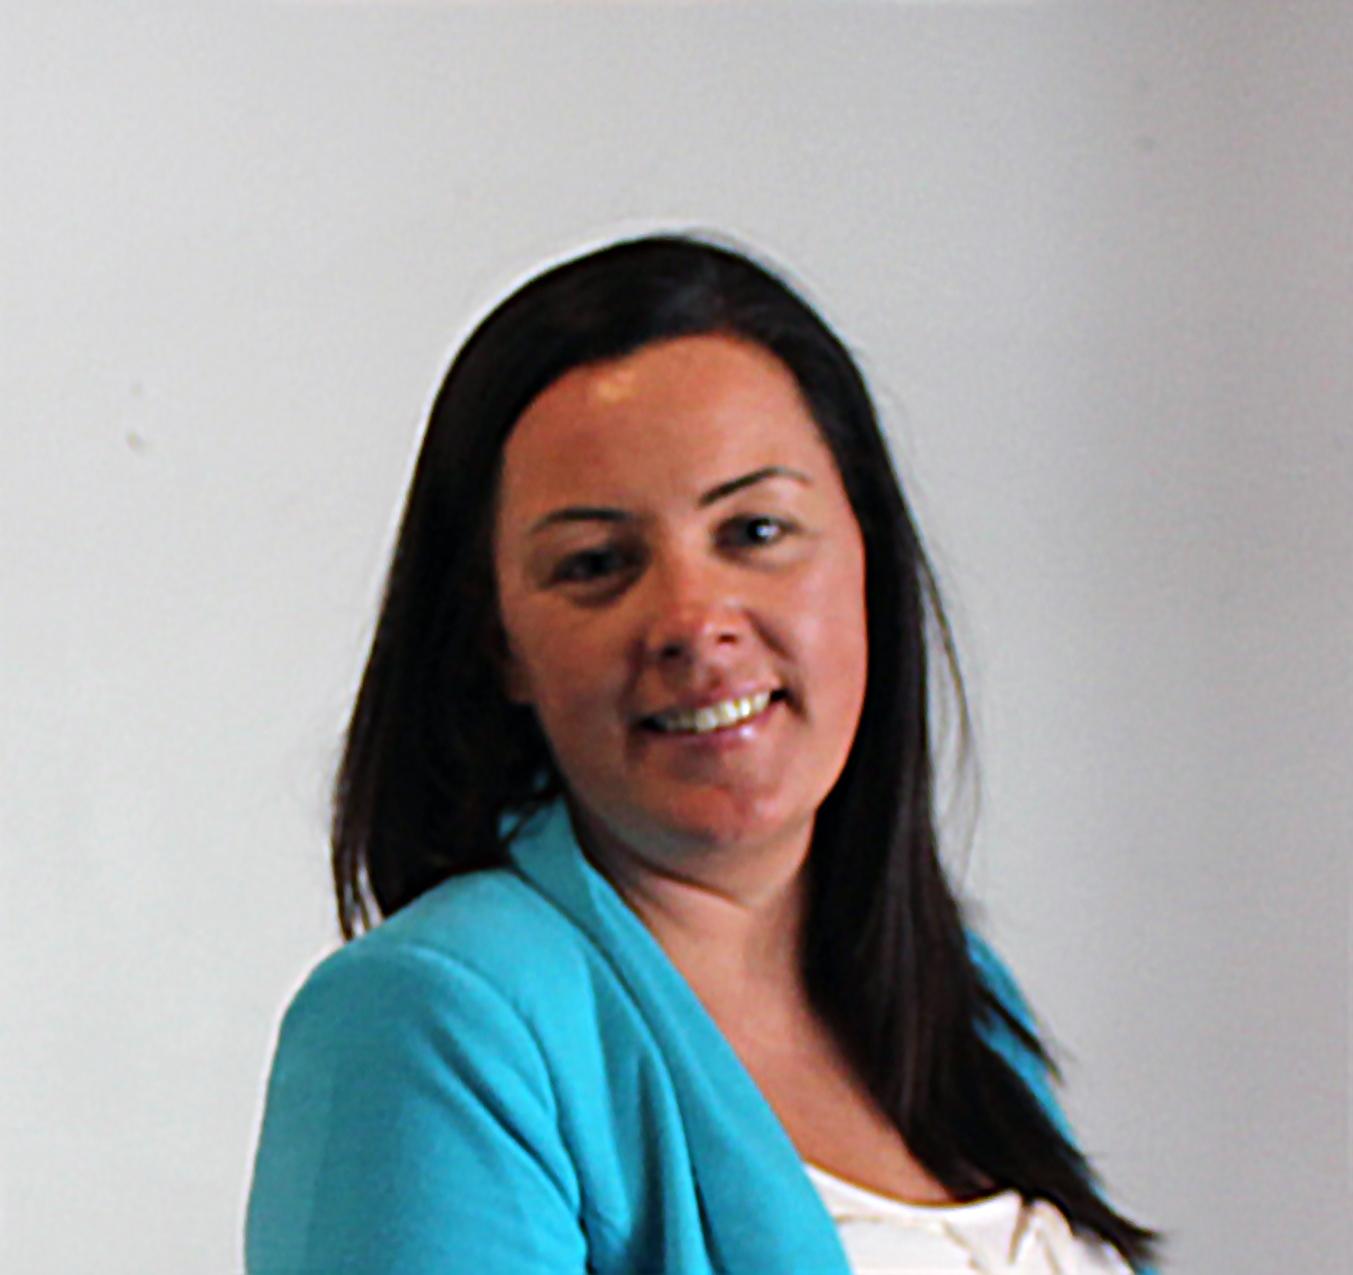 Fiona McGill